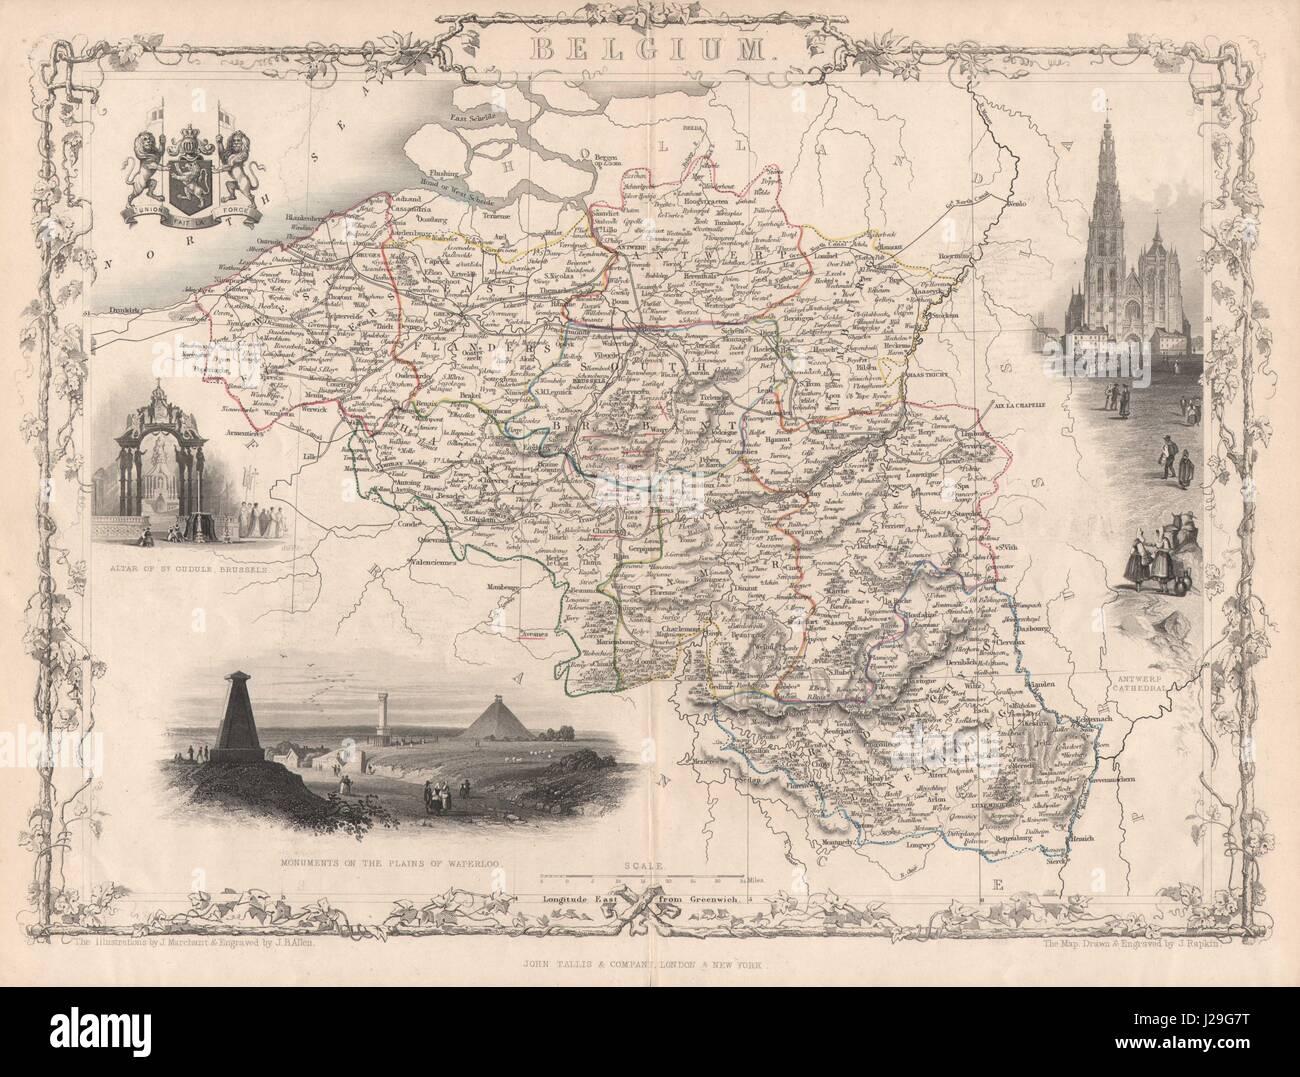 BELGIUM/Luxembourg. Antwerp Waterloo. Trimmed Coloured. TALLIS/RAPKIN c1851 map - Stock Image